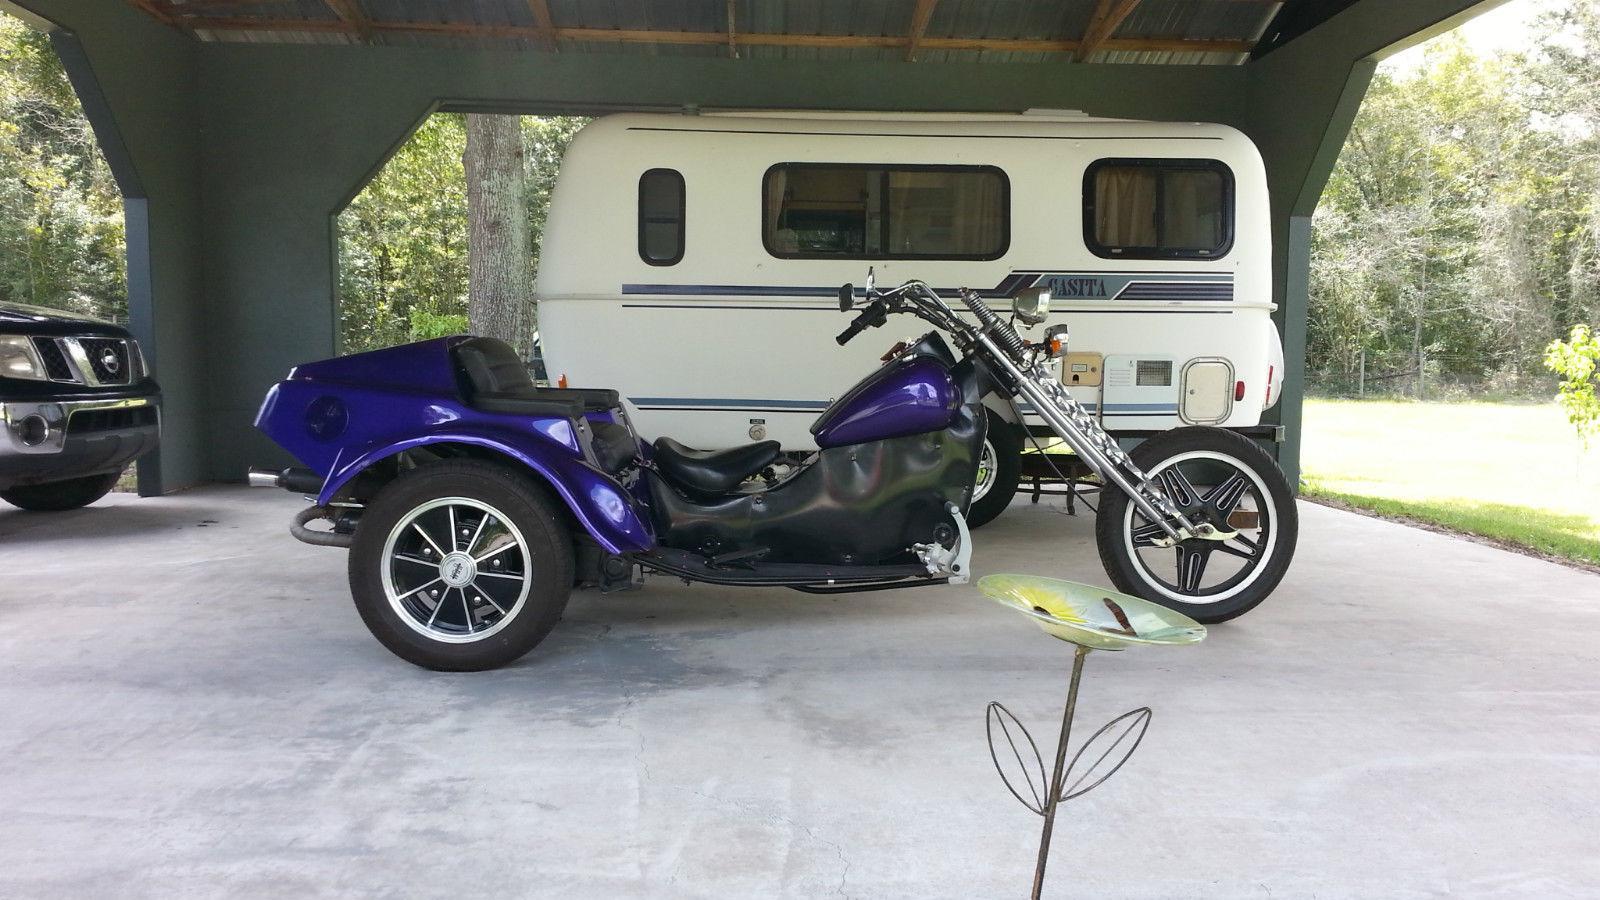 2012 Vw Trike Harley Davidson For Sale